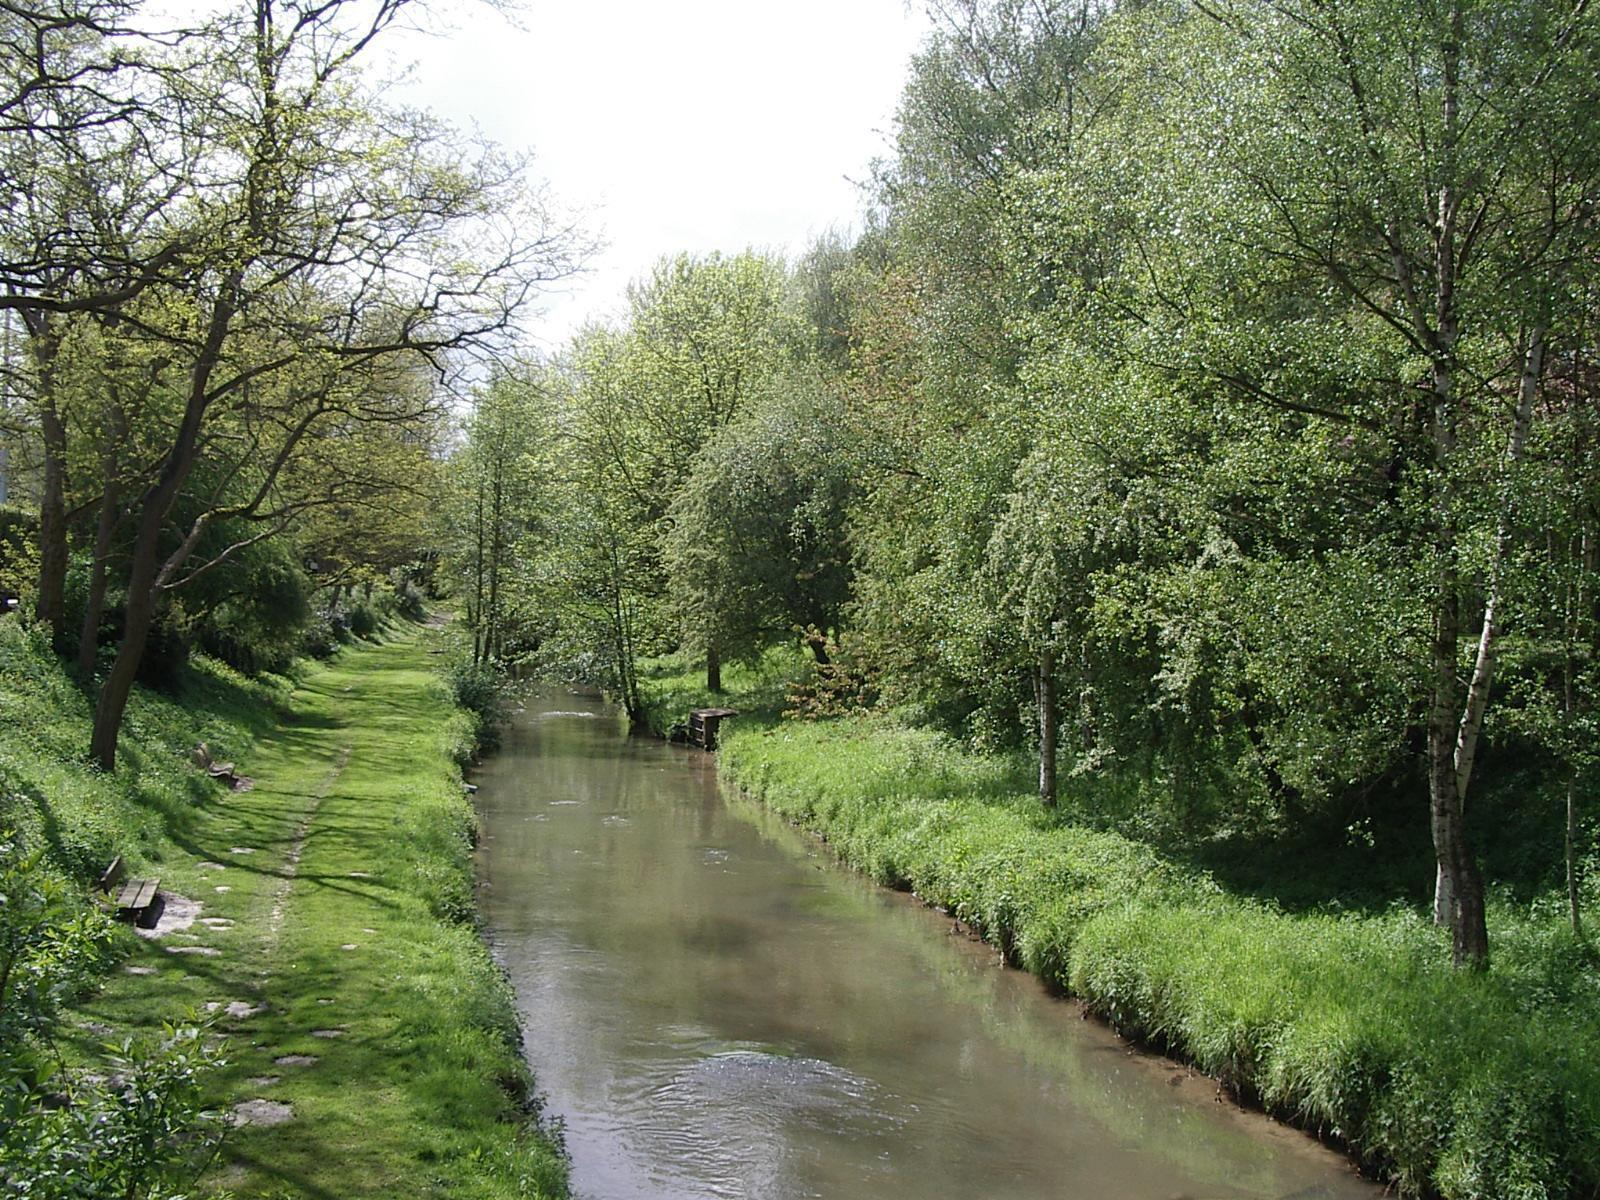 Bruay-la-Buissière